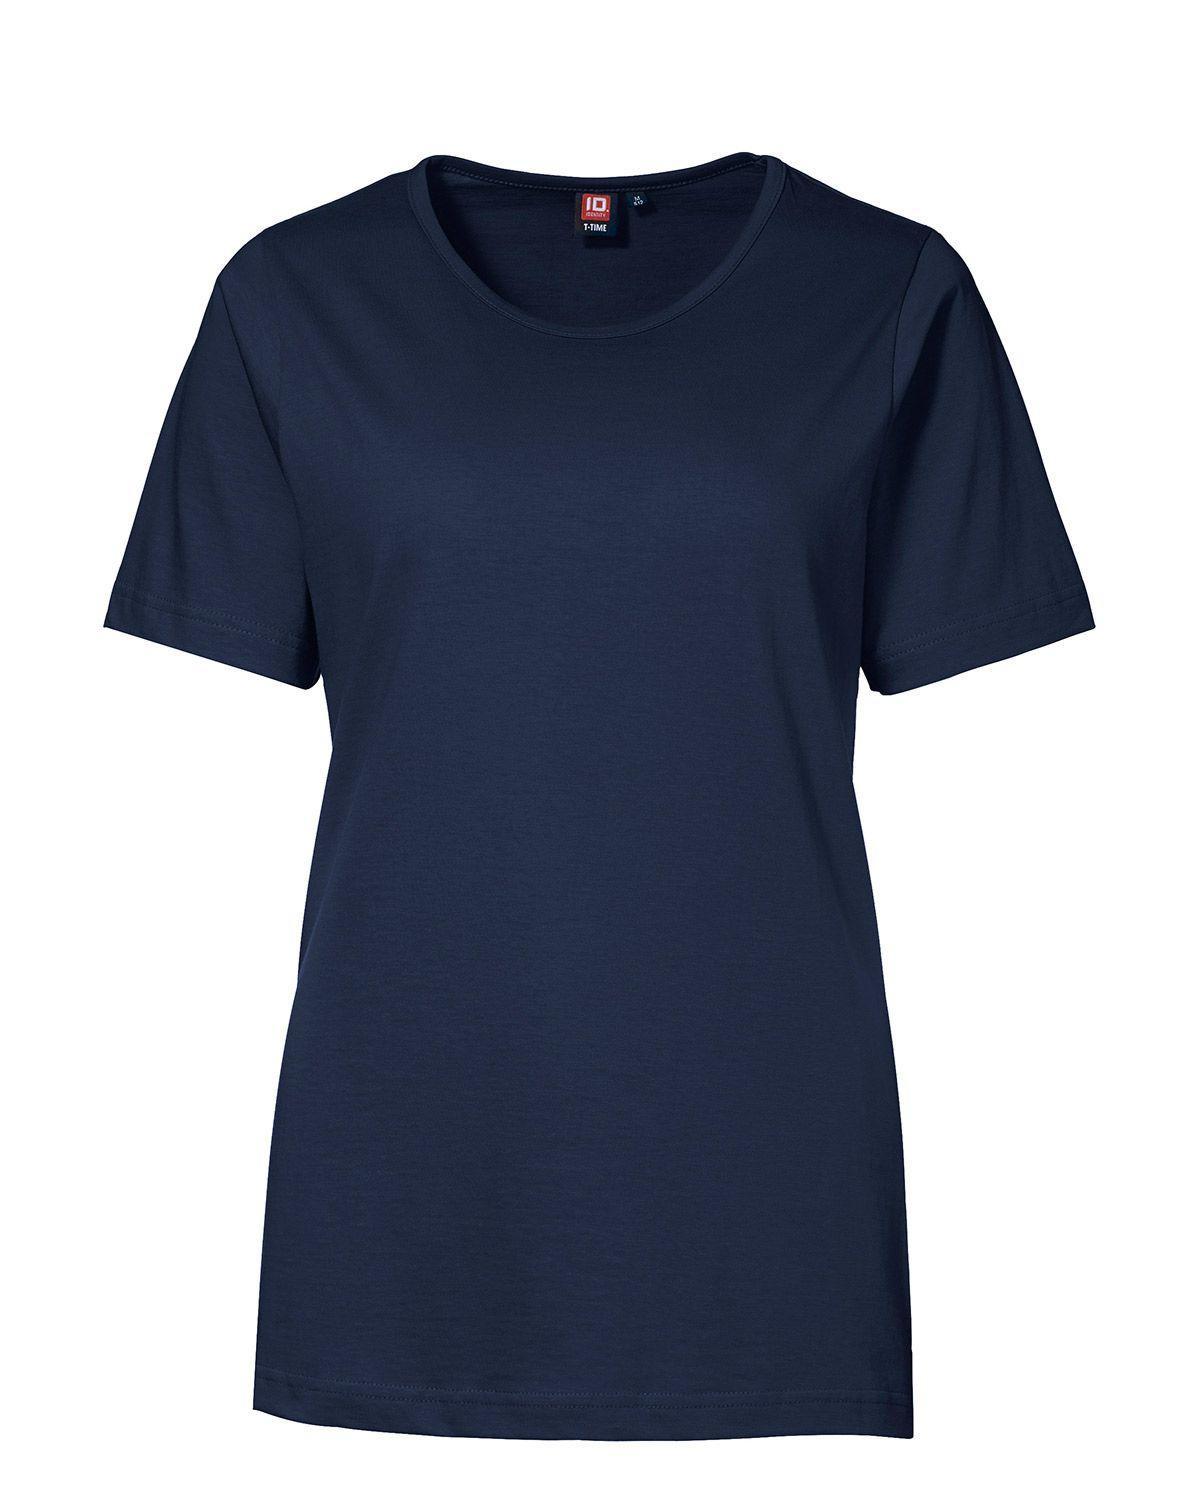 ID T-TIME T-shirt til Kvinder (Navy, 3XL)